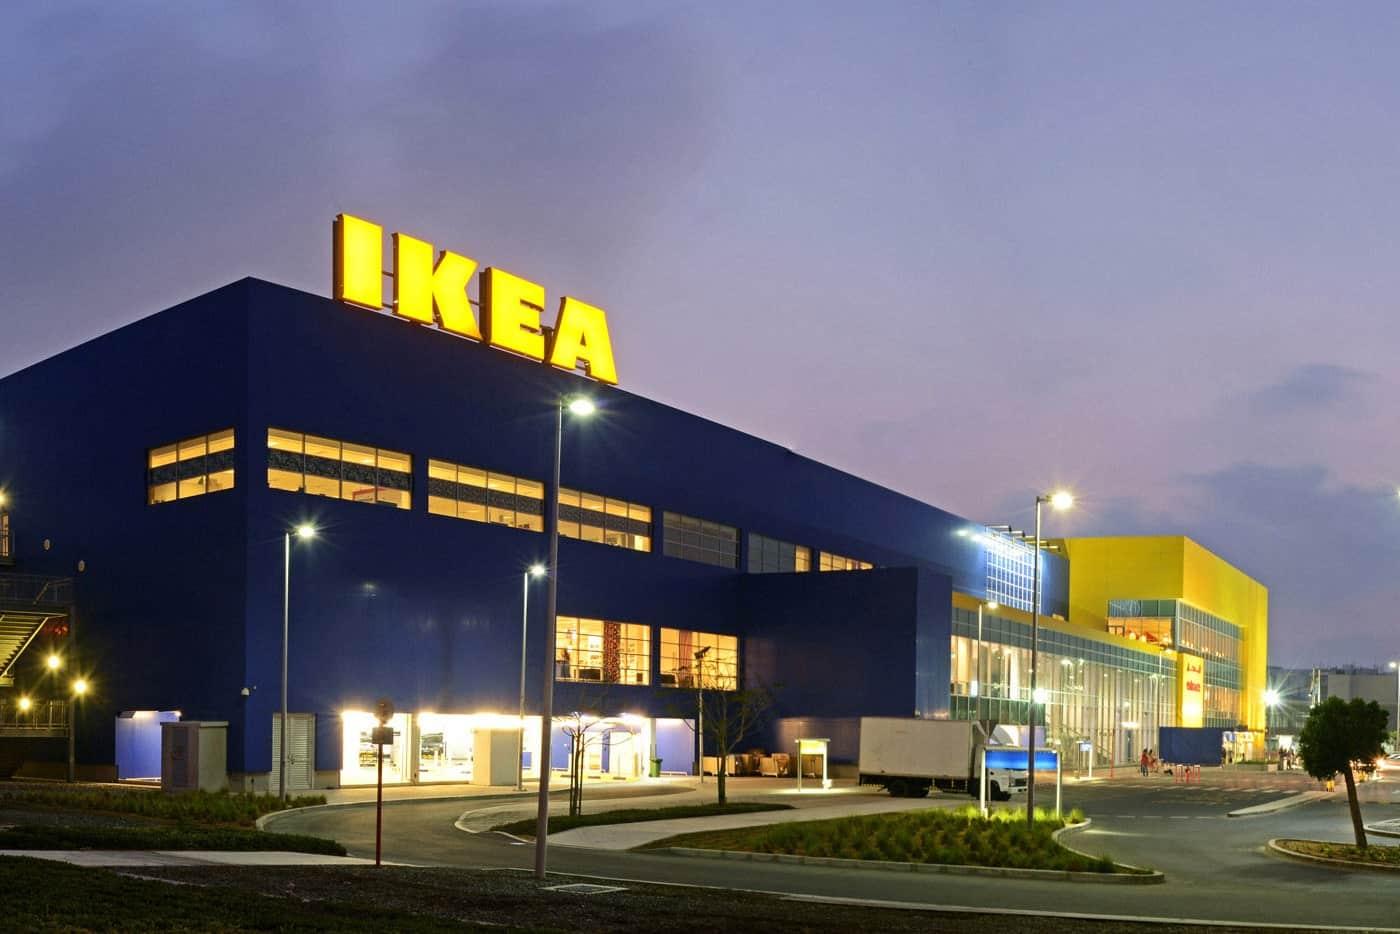 Magasins Ikea ouverts le mercredi 11 novembre 2020 : liste des horaires de plus de 25 magasins